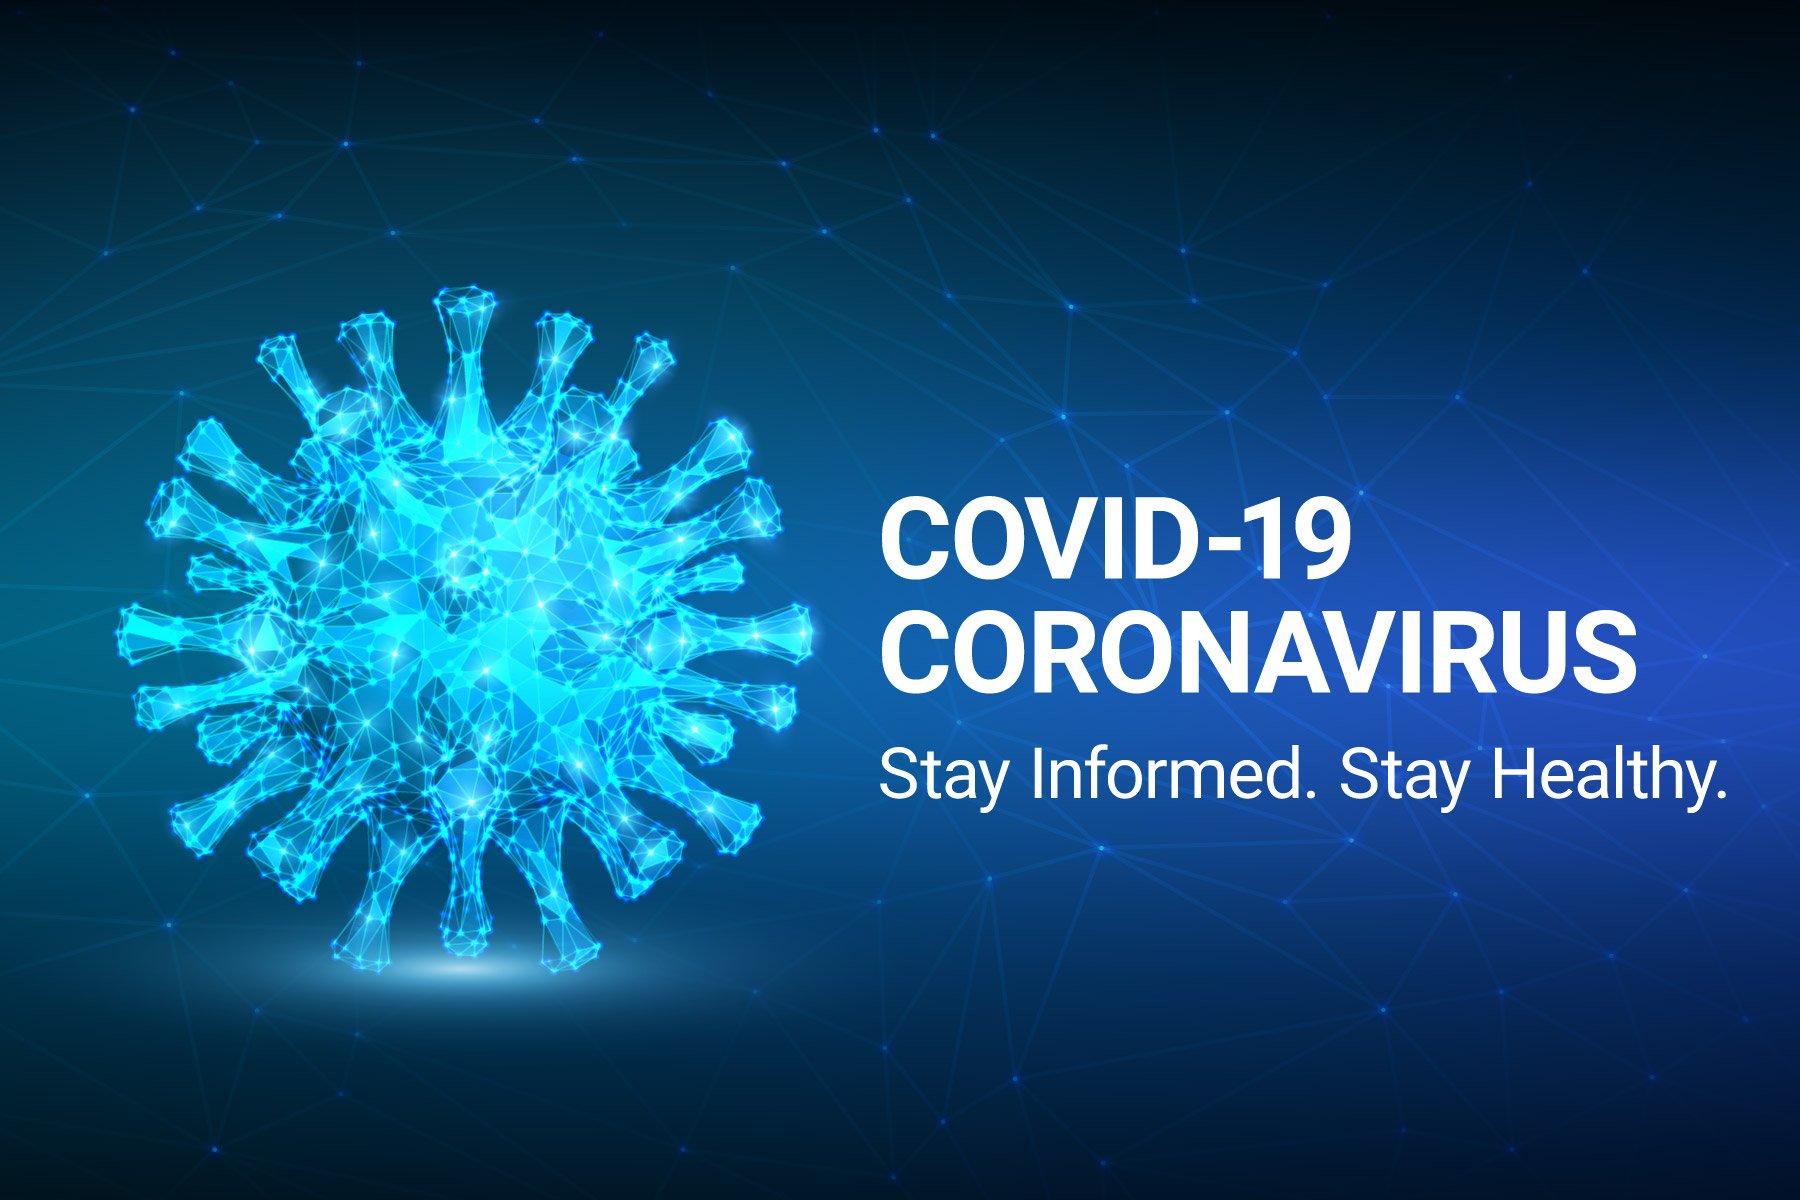 coronavirus-news-post